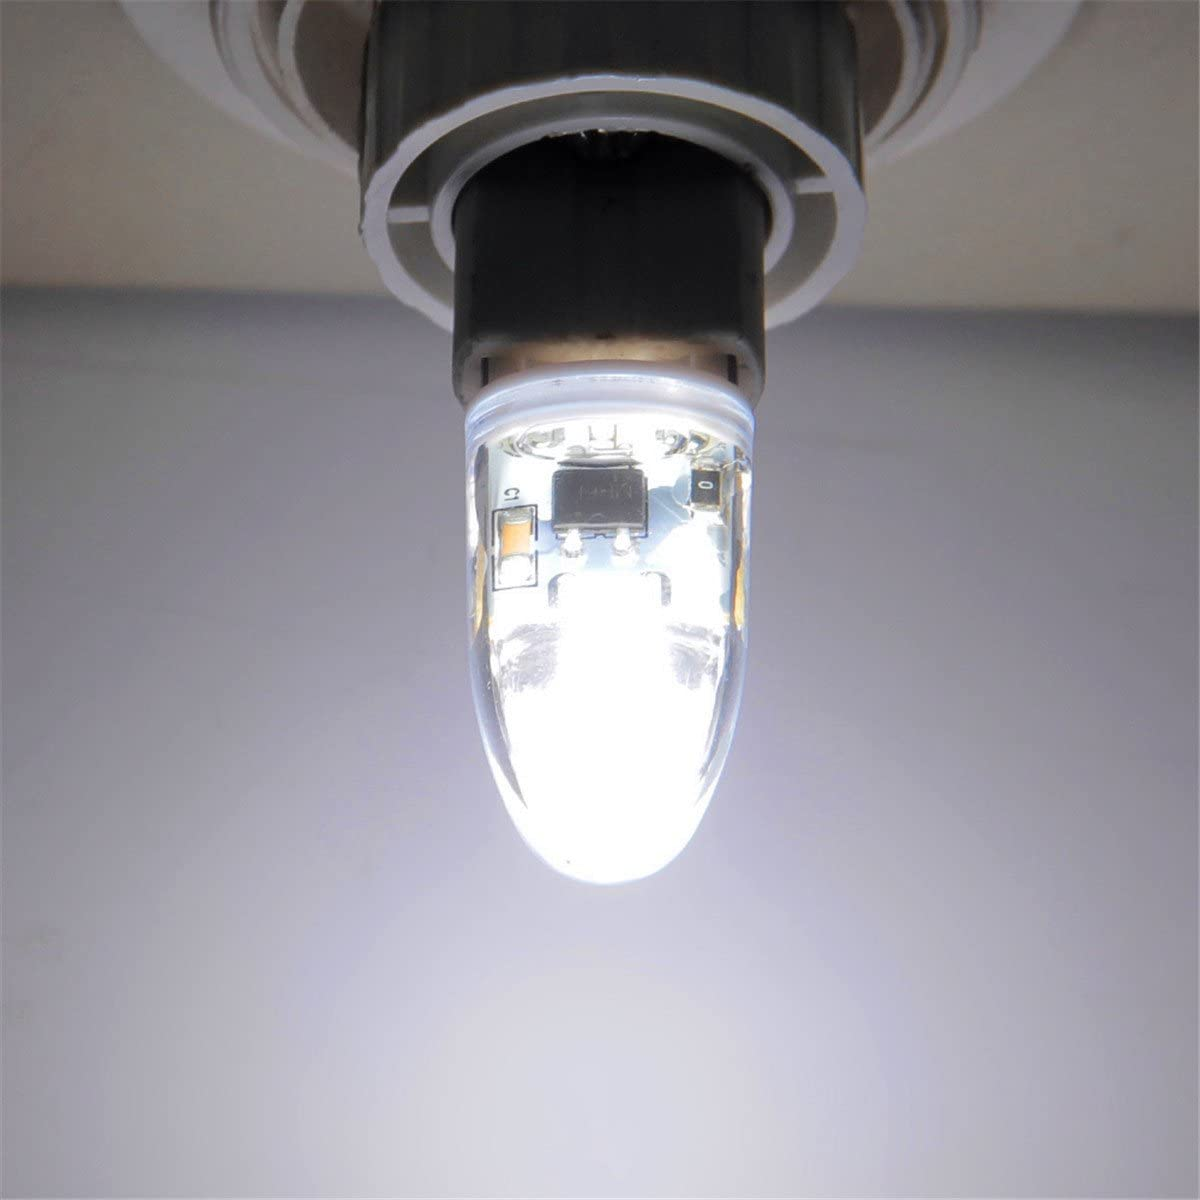 LLP-LED G9 3W COB LED Bulb Bi-Pin Base 200-300Lm Warm White Cool White Dimmable LED Lights AC 220-240V 1pcs Color : Cold White